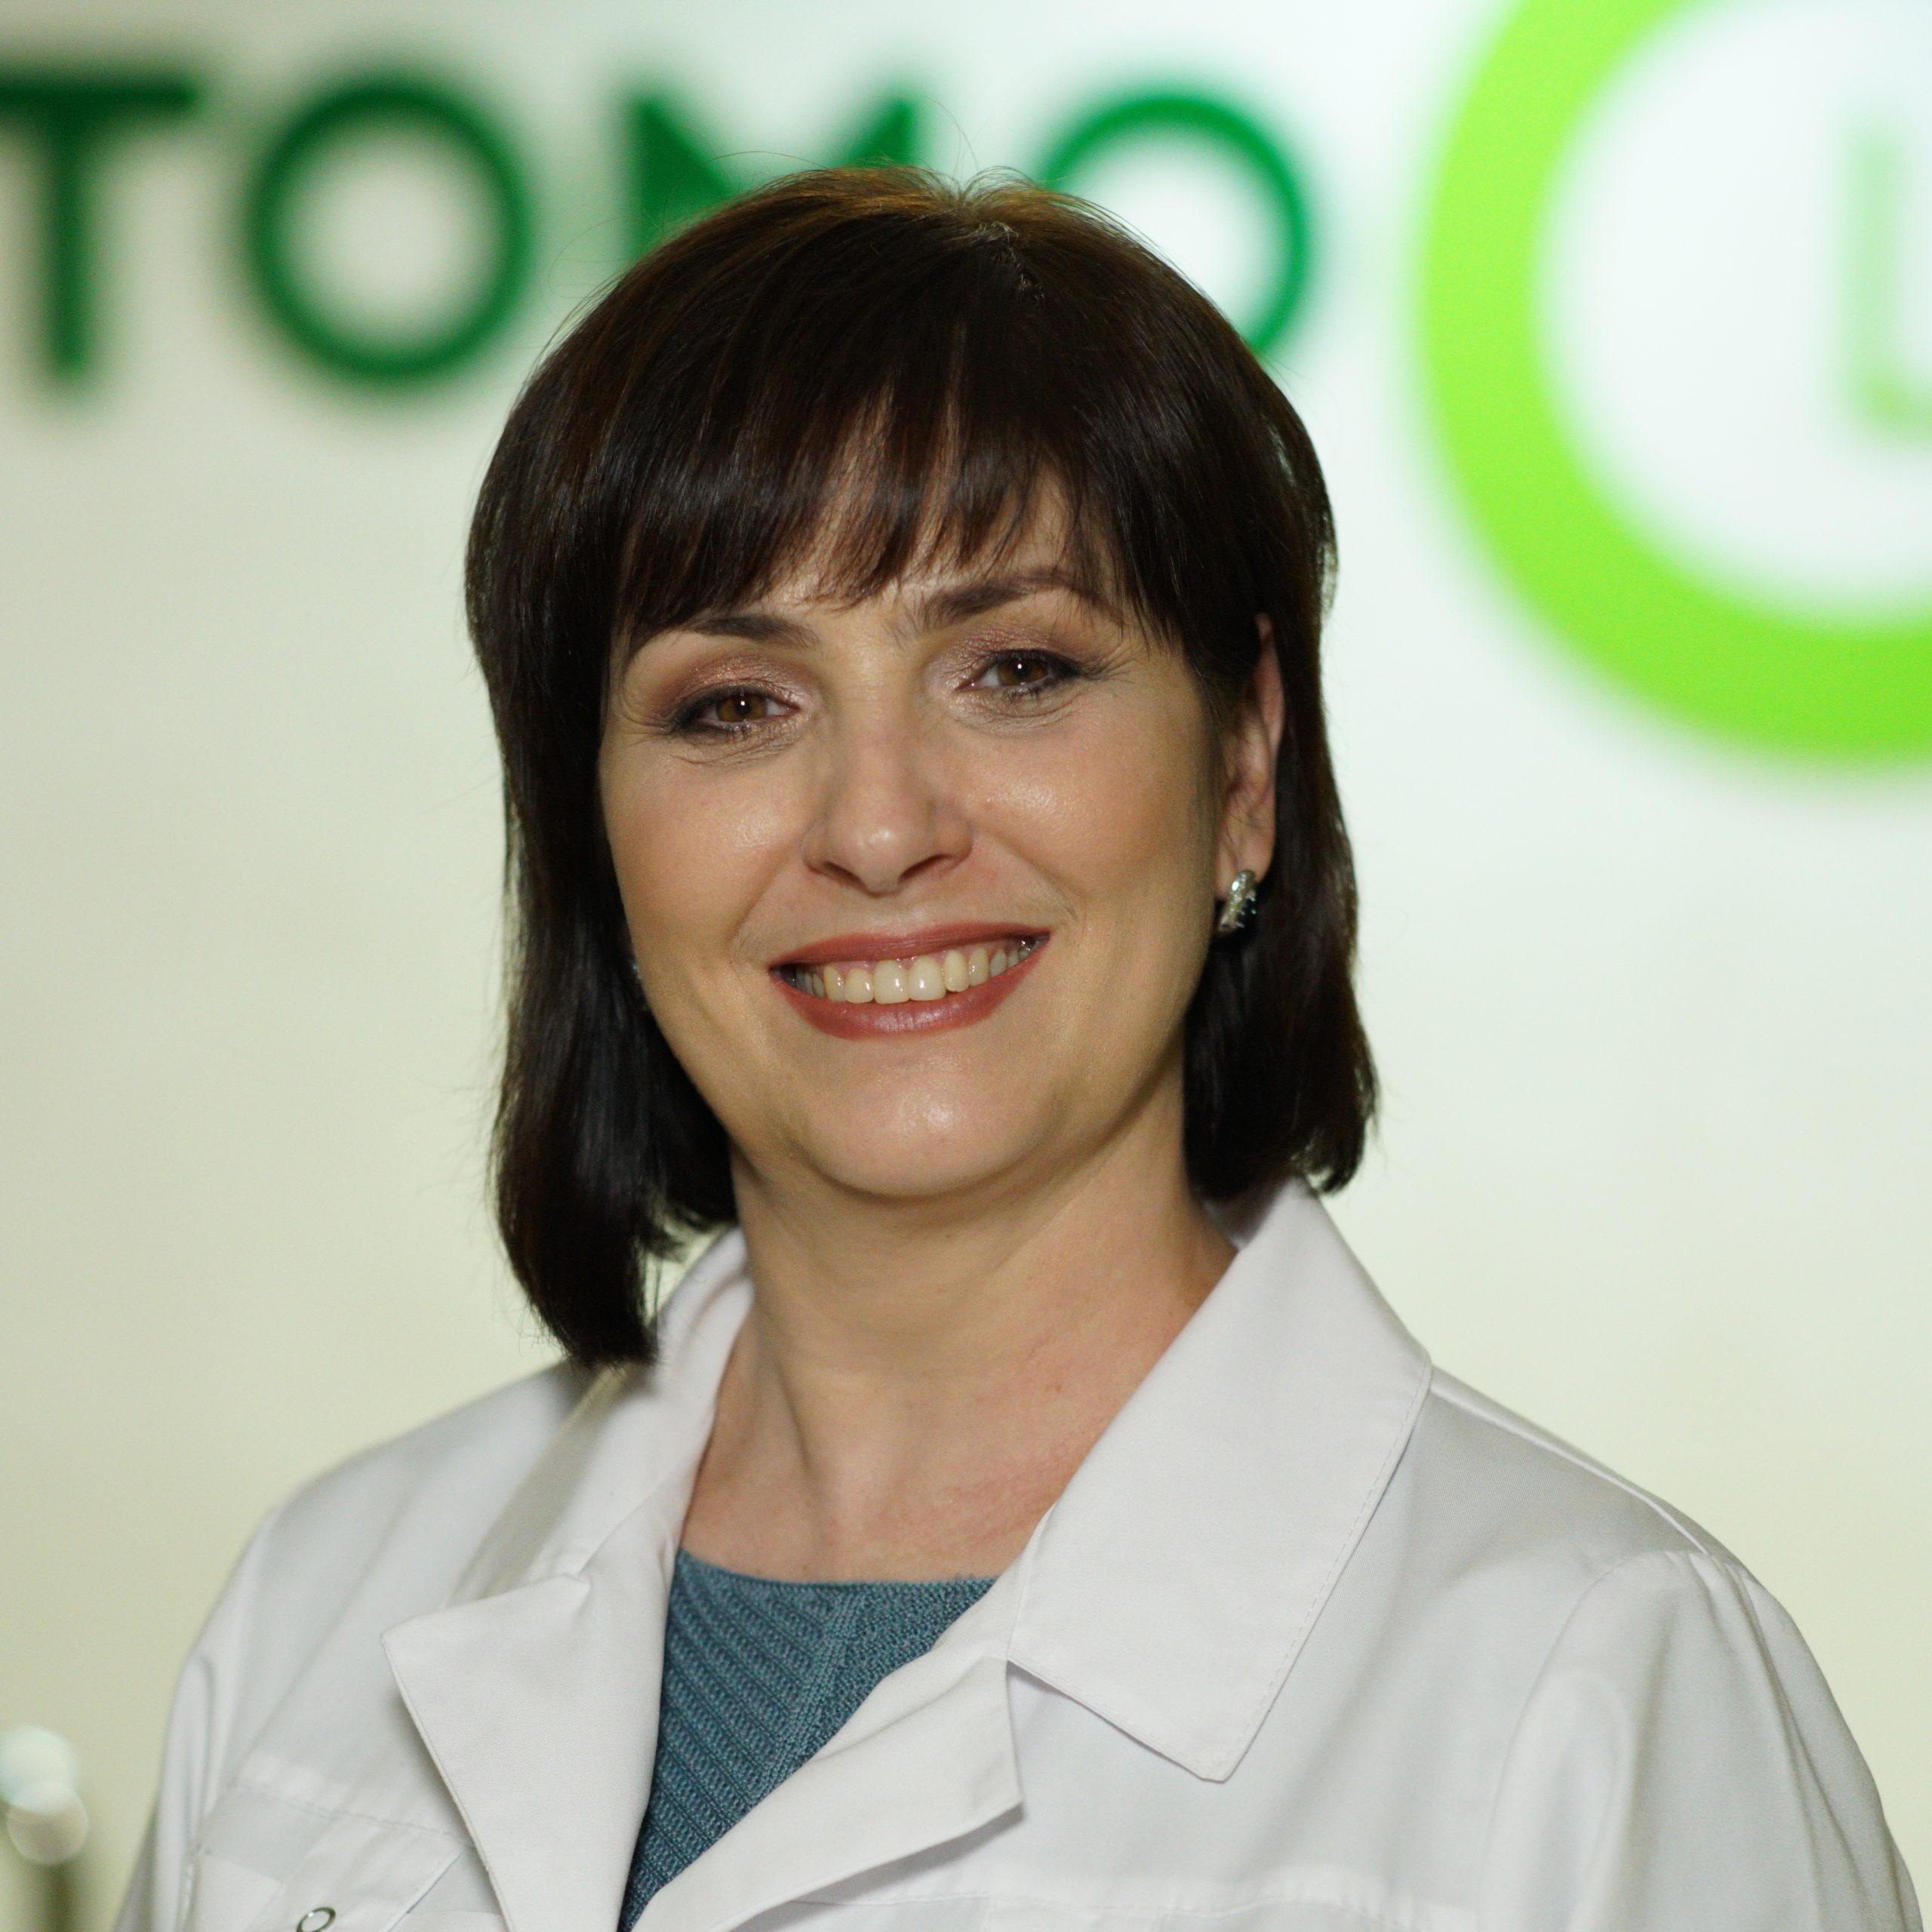 завідуюча лікувальним відділенням наталя серьогіна